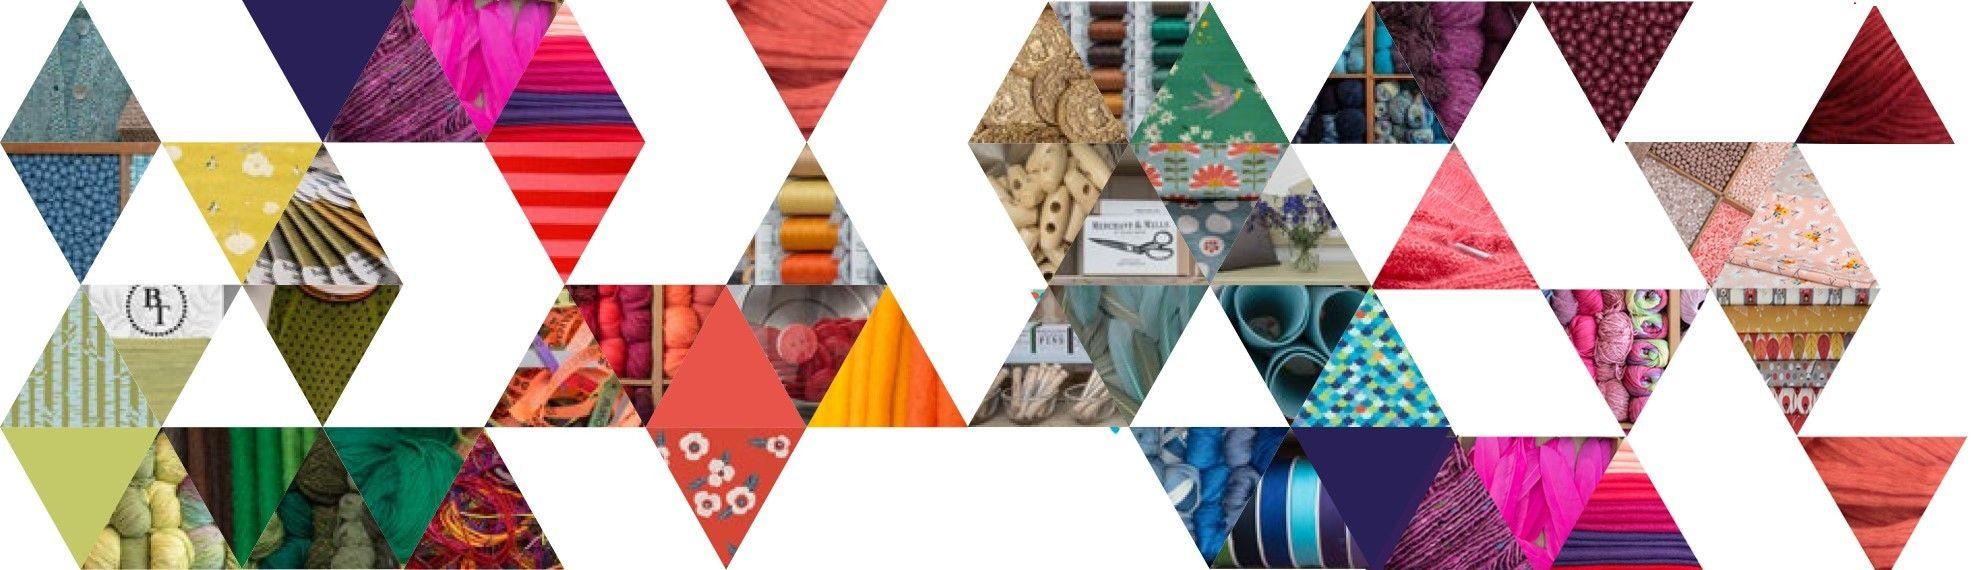 HANDWERKWINKEL MEET & MAKEDrie speciaalzaken onder één dak; dat is Meet & Make. Een inspirerende handwerkwinkel nieuwe stijl voor creatievelingen met een passie voor breien, naaien, quilten, haken of borduren. (Leiden)